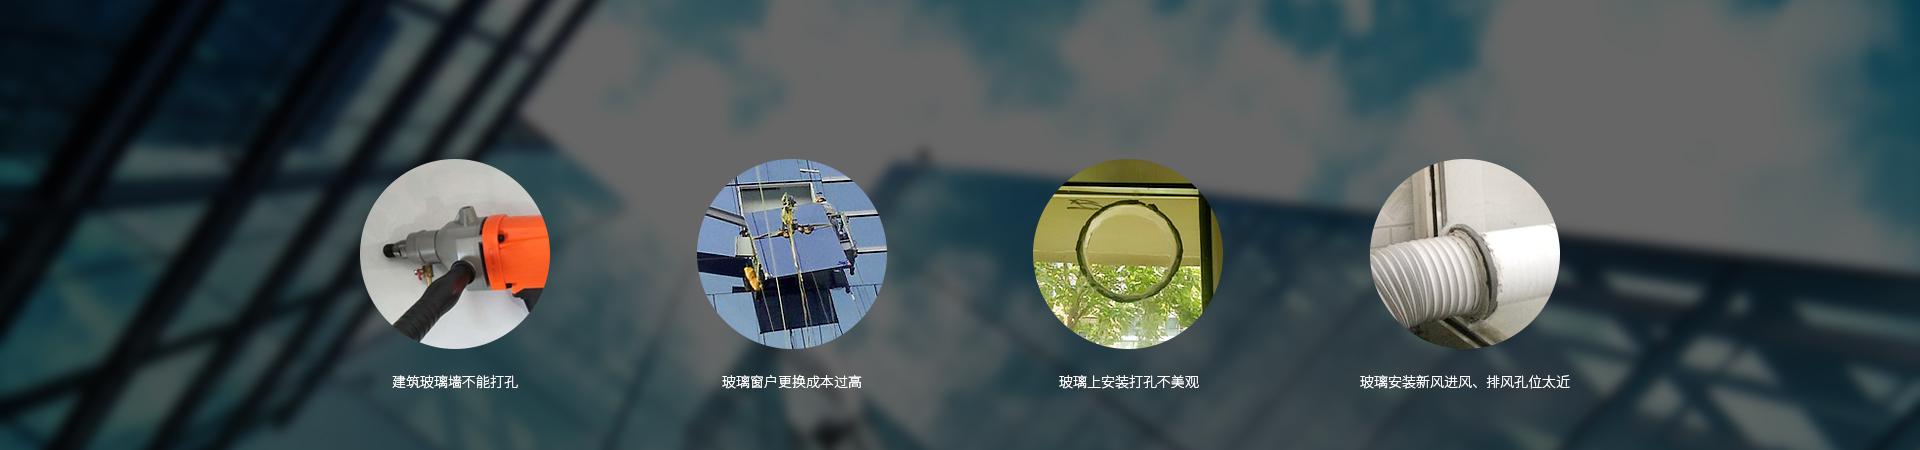 网站---幕墙新风_02.jpg